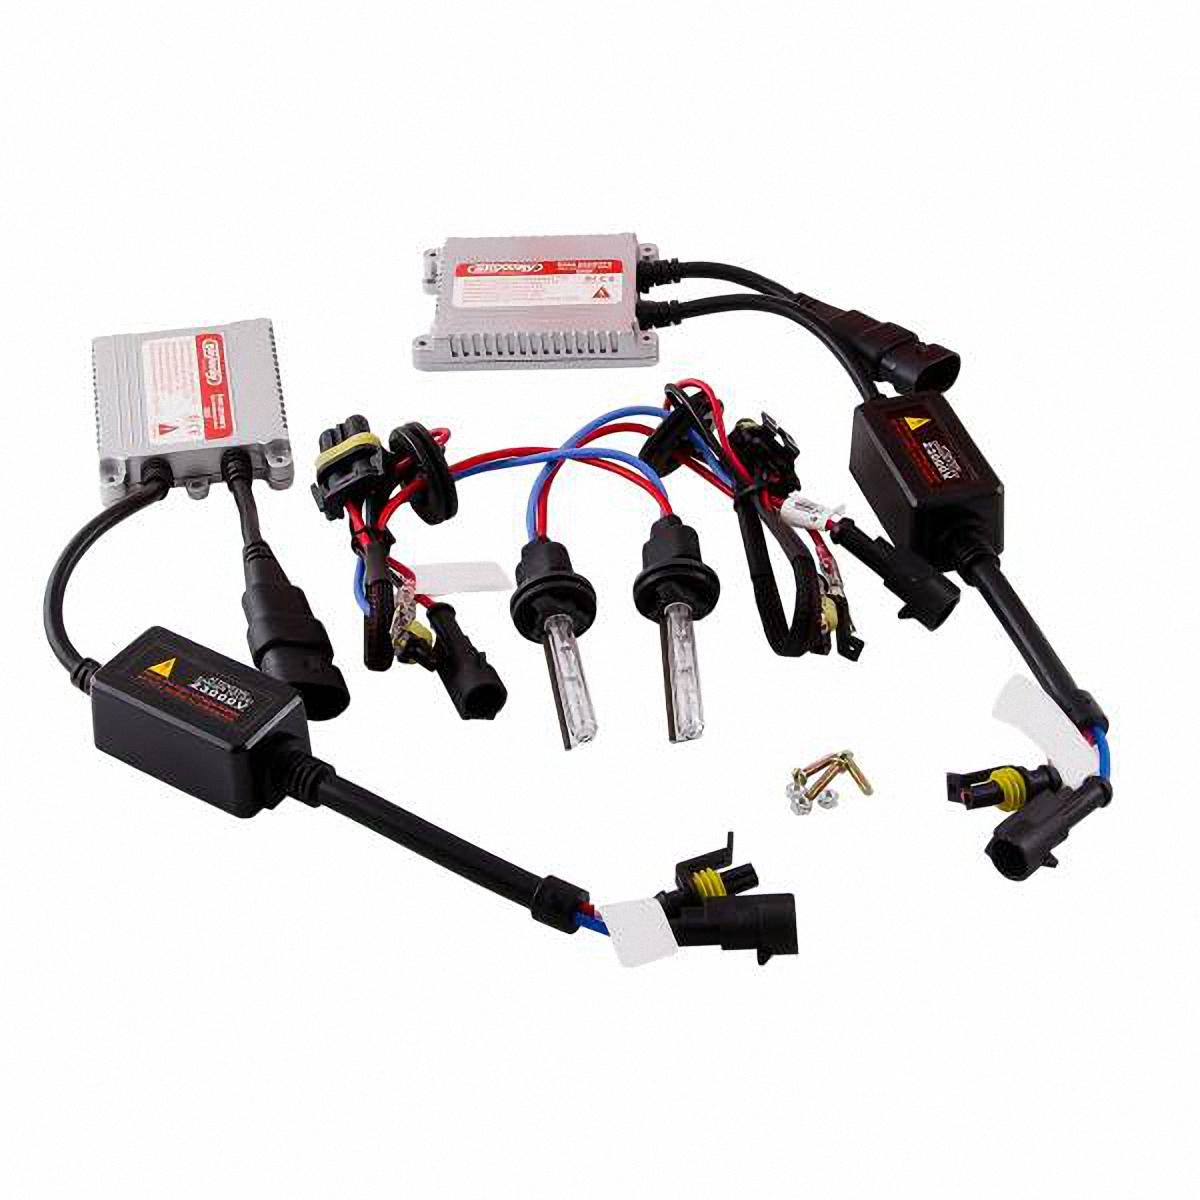 Лампа автомобильная Skyway, биксенон, цоколь H4, 35 Вт, 12 В, 2 шт. SH4 H/L 5000K98298123_черныйДанная биксеноновая лампа под цоколь H4 применяется в автомобилях со световой системой, в которой в одной лампе совмещены ближний и дальний свет (в одной лампе 2 спирали). Автолампа биксенон SKYWAY устойчива к тряскам, имеет продолжительный срок эксплуатации. За счет лучшего освещения дорожной разметки и дорожных знаков, вы будете чувствовать себя уверенно в плохих погодных условиях и в темное время суток. А мягкий бело-желтый свет лампы не ослепляет водителей встречного потока автомобилей.Особенности: Защита от короткого замыкания, перенапряжения, низкого напряжения Комплект предназначен для установки в посадочные места галогеновых автомобильных ламп Упрощенная инсталляция на любой автомобиль без замены штатной проводки Колба лампы изготовлена из кварцевого стекла Водонепроницаемый корпус Короткое время розжига Характеристики: Цветовая температура: 5000К Цоколь: Н4 Мощность: 35 Вт Напряжение: 12В Комплектация: Лампа газоразрядная биксеноновая - 2 шт. Блок розжига – 2шт.Винты для блока розжига – 6 шт.Гарантийный талон – 1 шт.Инструкция – 1 шт.